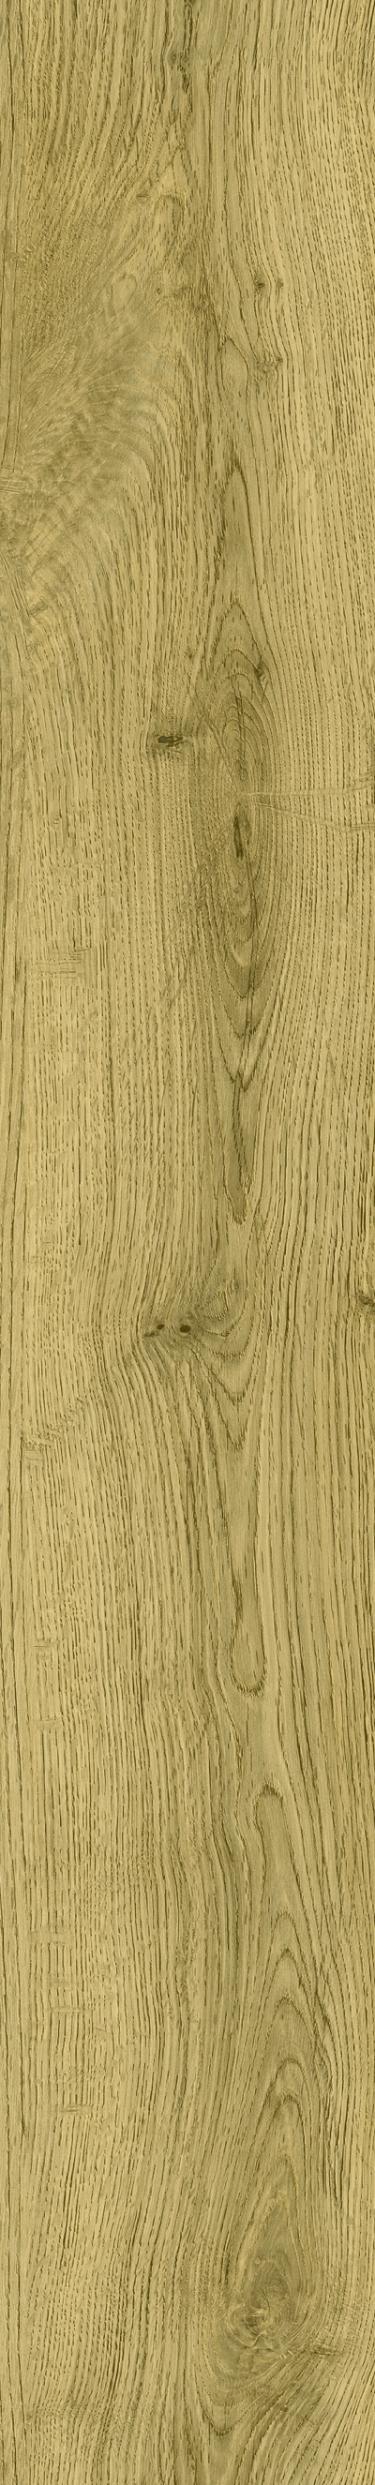 Ceník vinylových podlah - Vinylové podlahy za cenu 700 - 800 Kč / m - Gerflor DESIGNART Home Click Sunny Nature